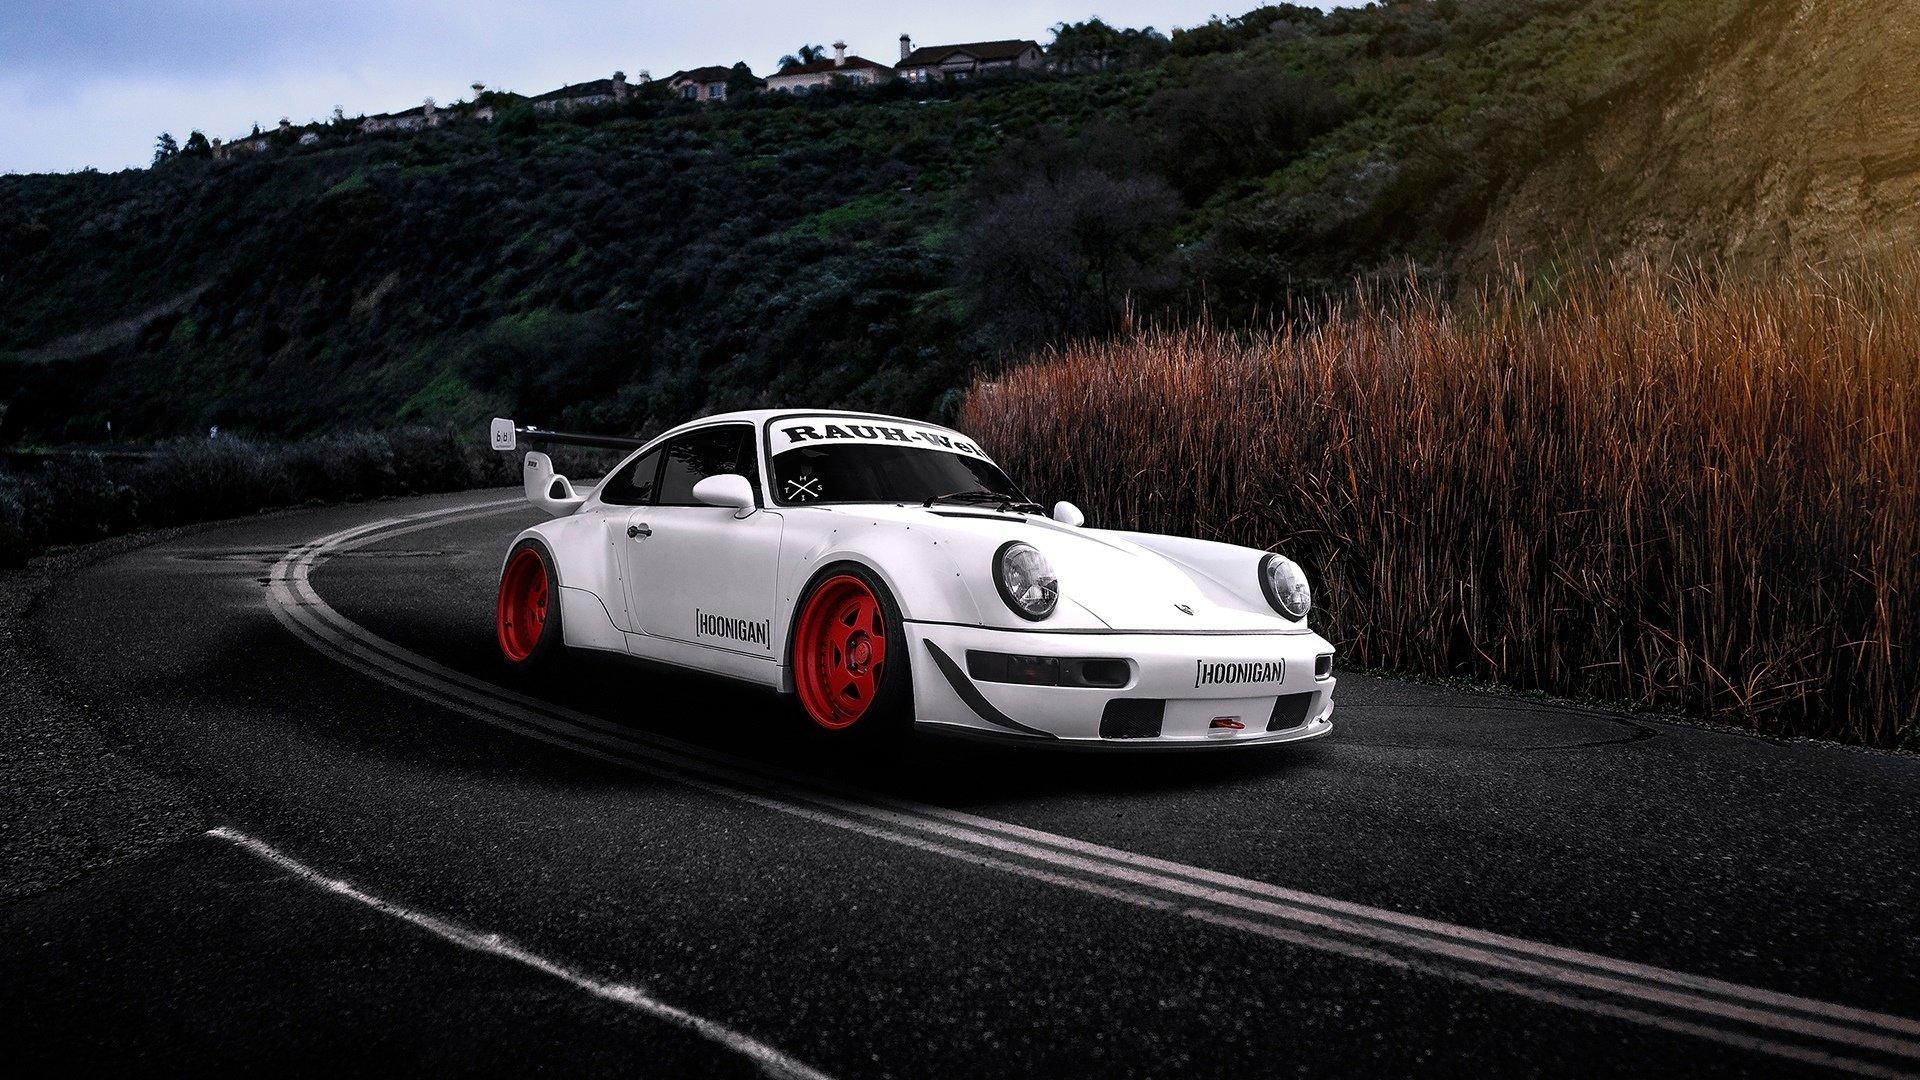 Porsche 993 Hd Wallpaper Background Image 1920x1080 Id 982207 Wallpaper Abyss